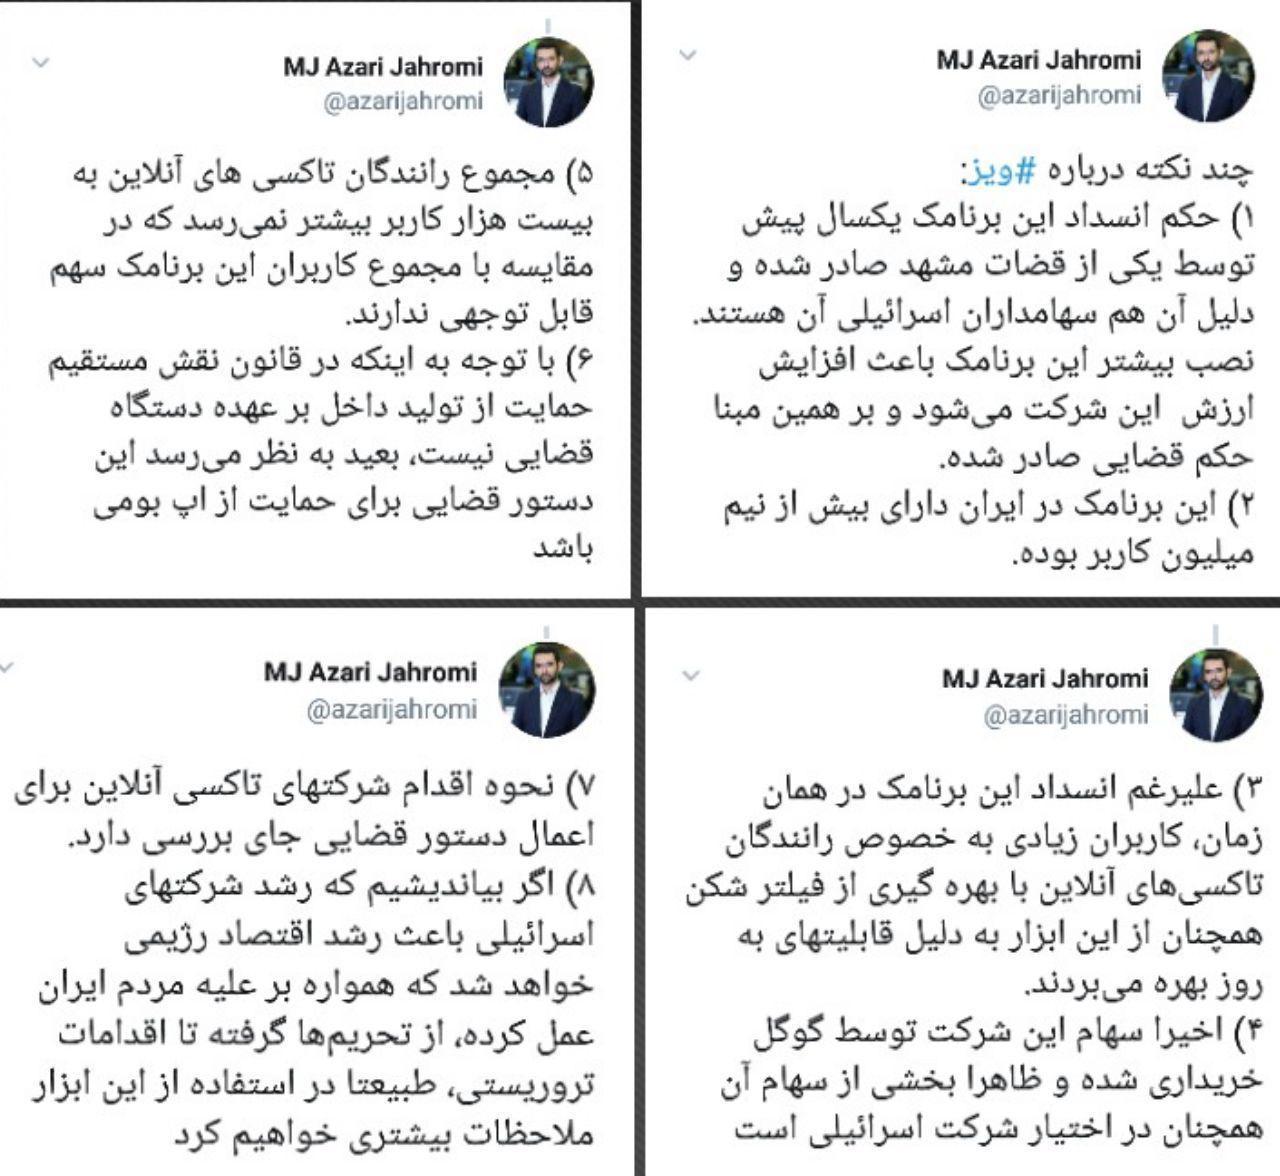 توضیحات وزیر ارتباطات در خصوص فیلتر شدن اپلیکیشن ویز + عکس